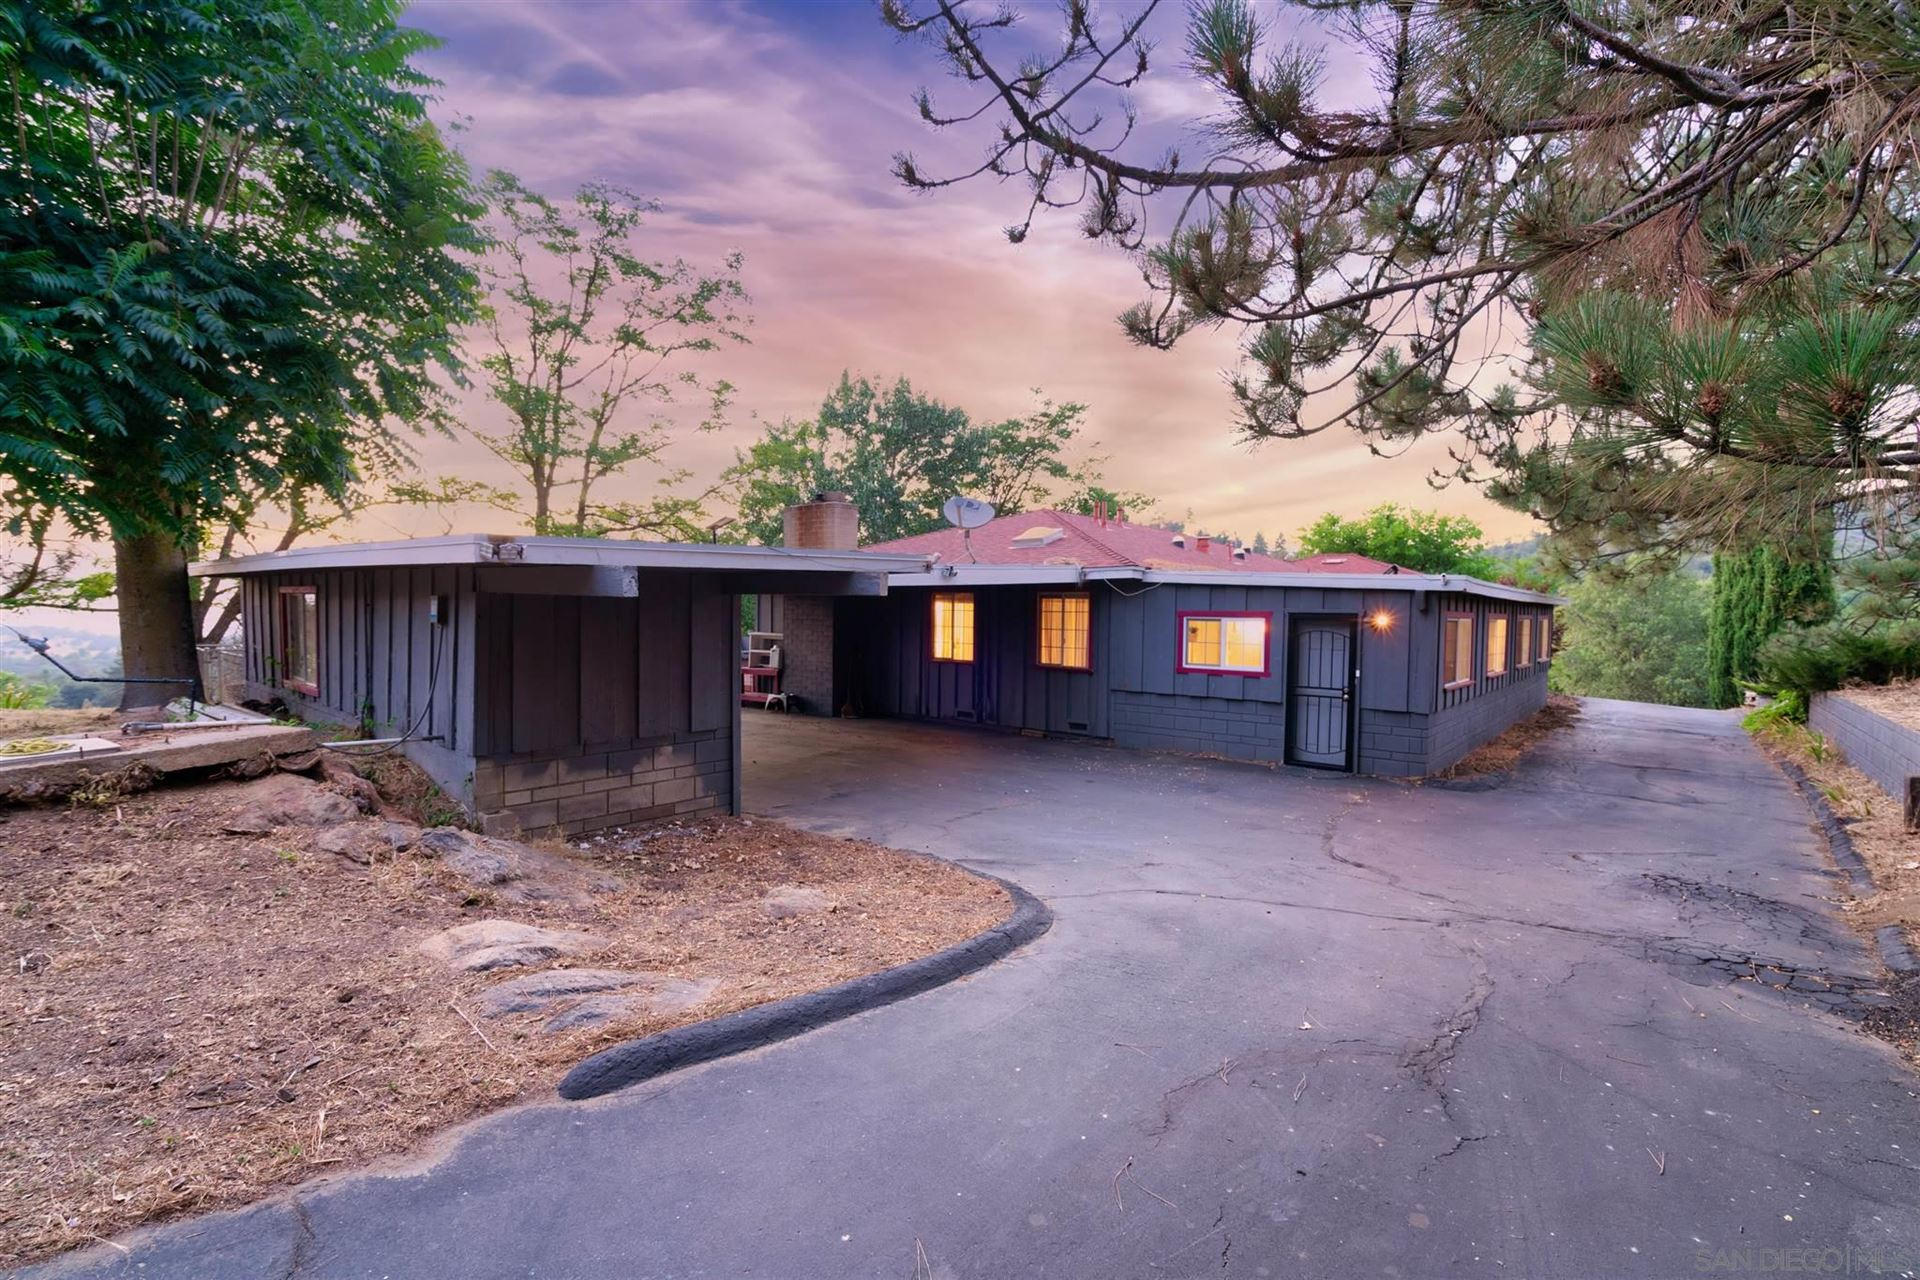 Photo of 2232 Highway 79, Julian, CA 92036 (MLS # 210019505)